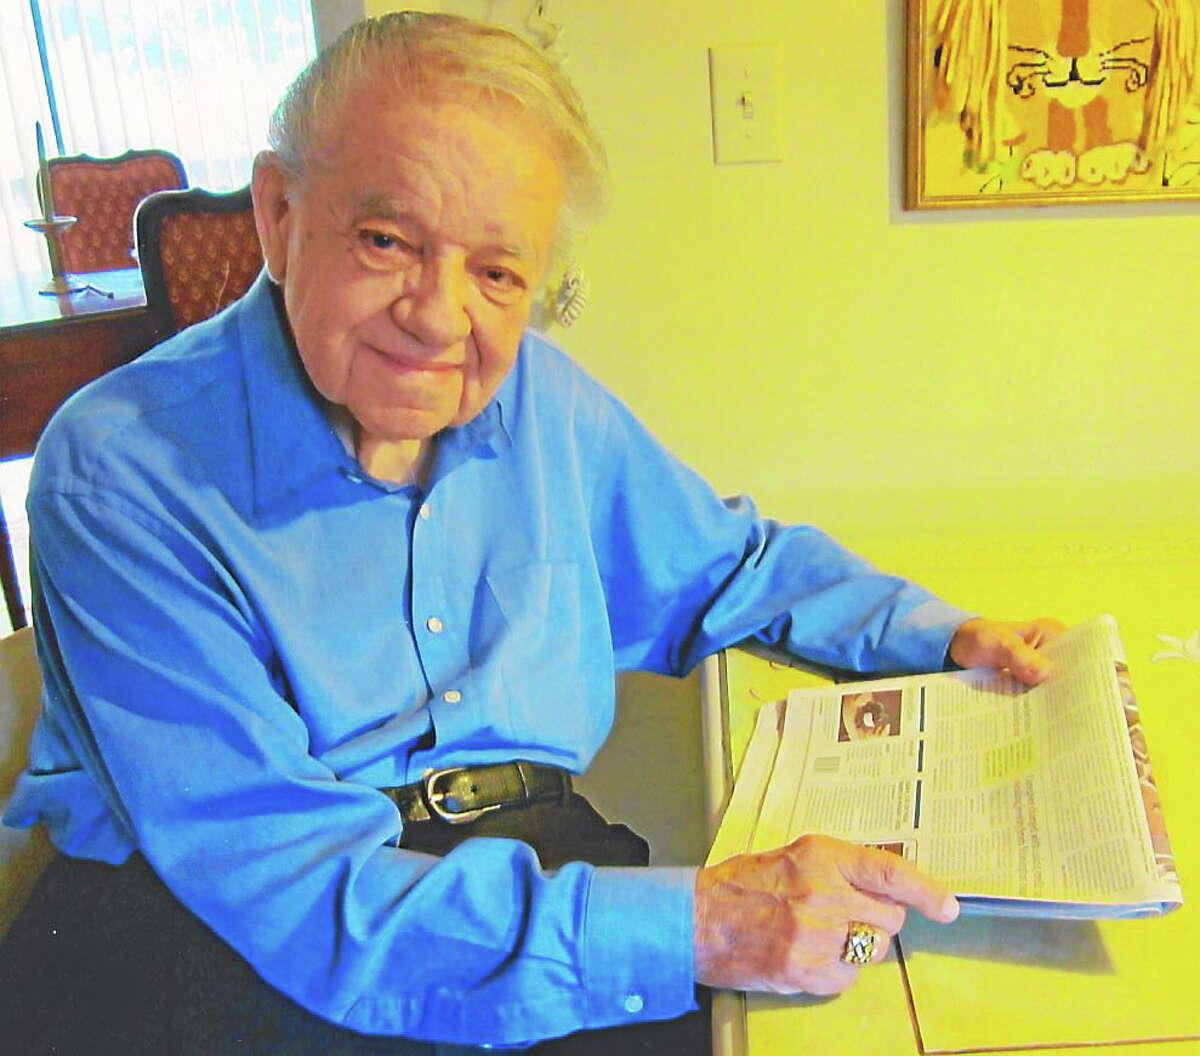 Henry Josten, former reporter for the Middletown Press